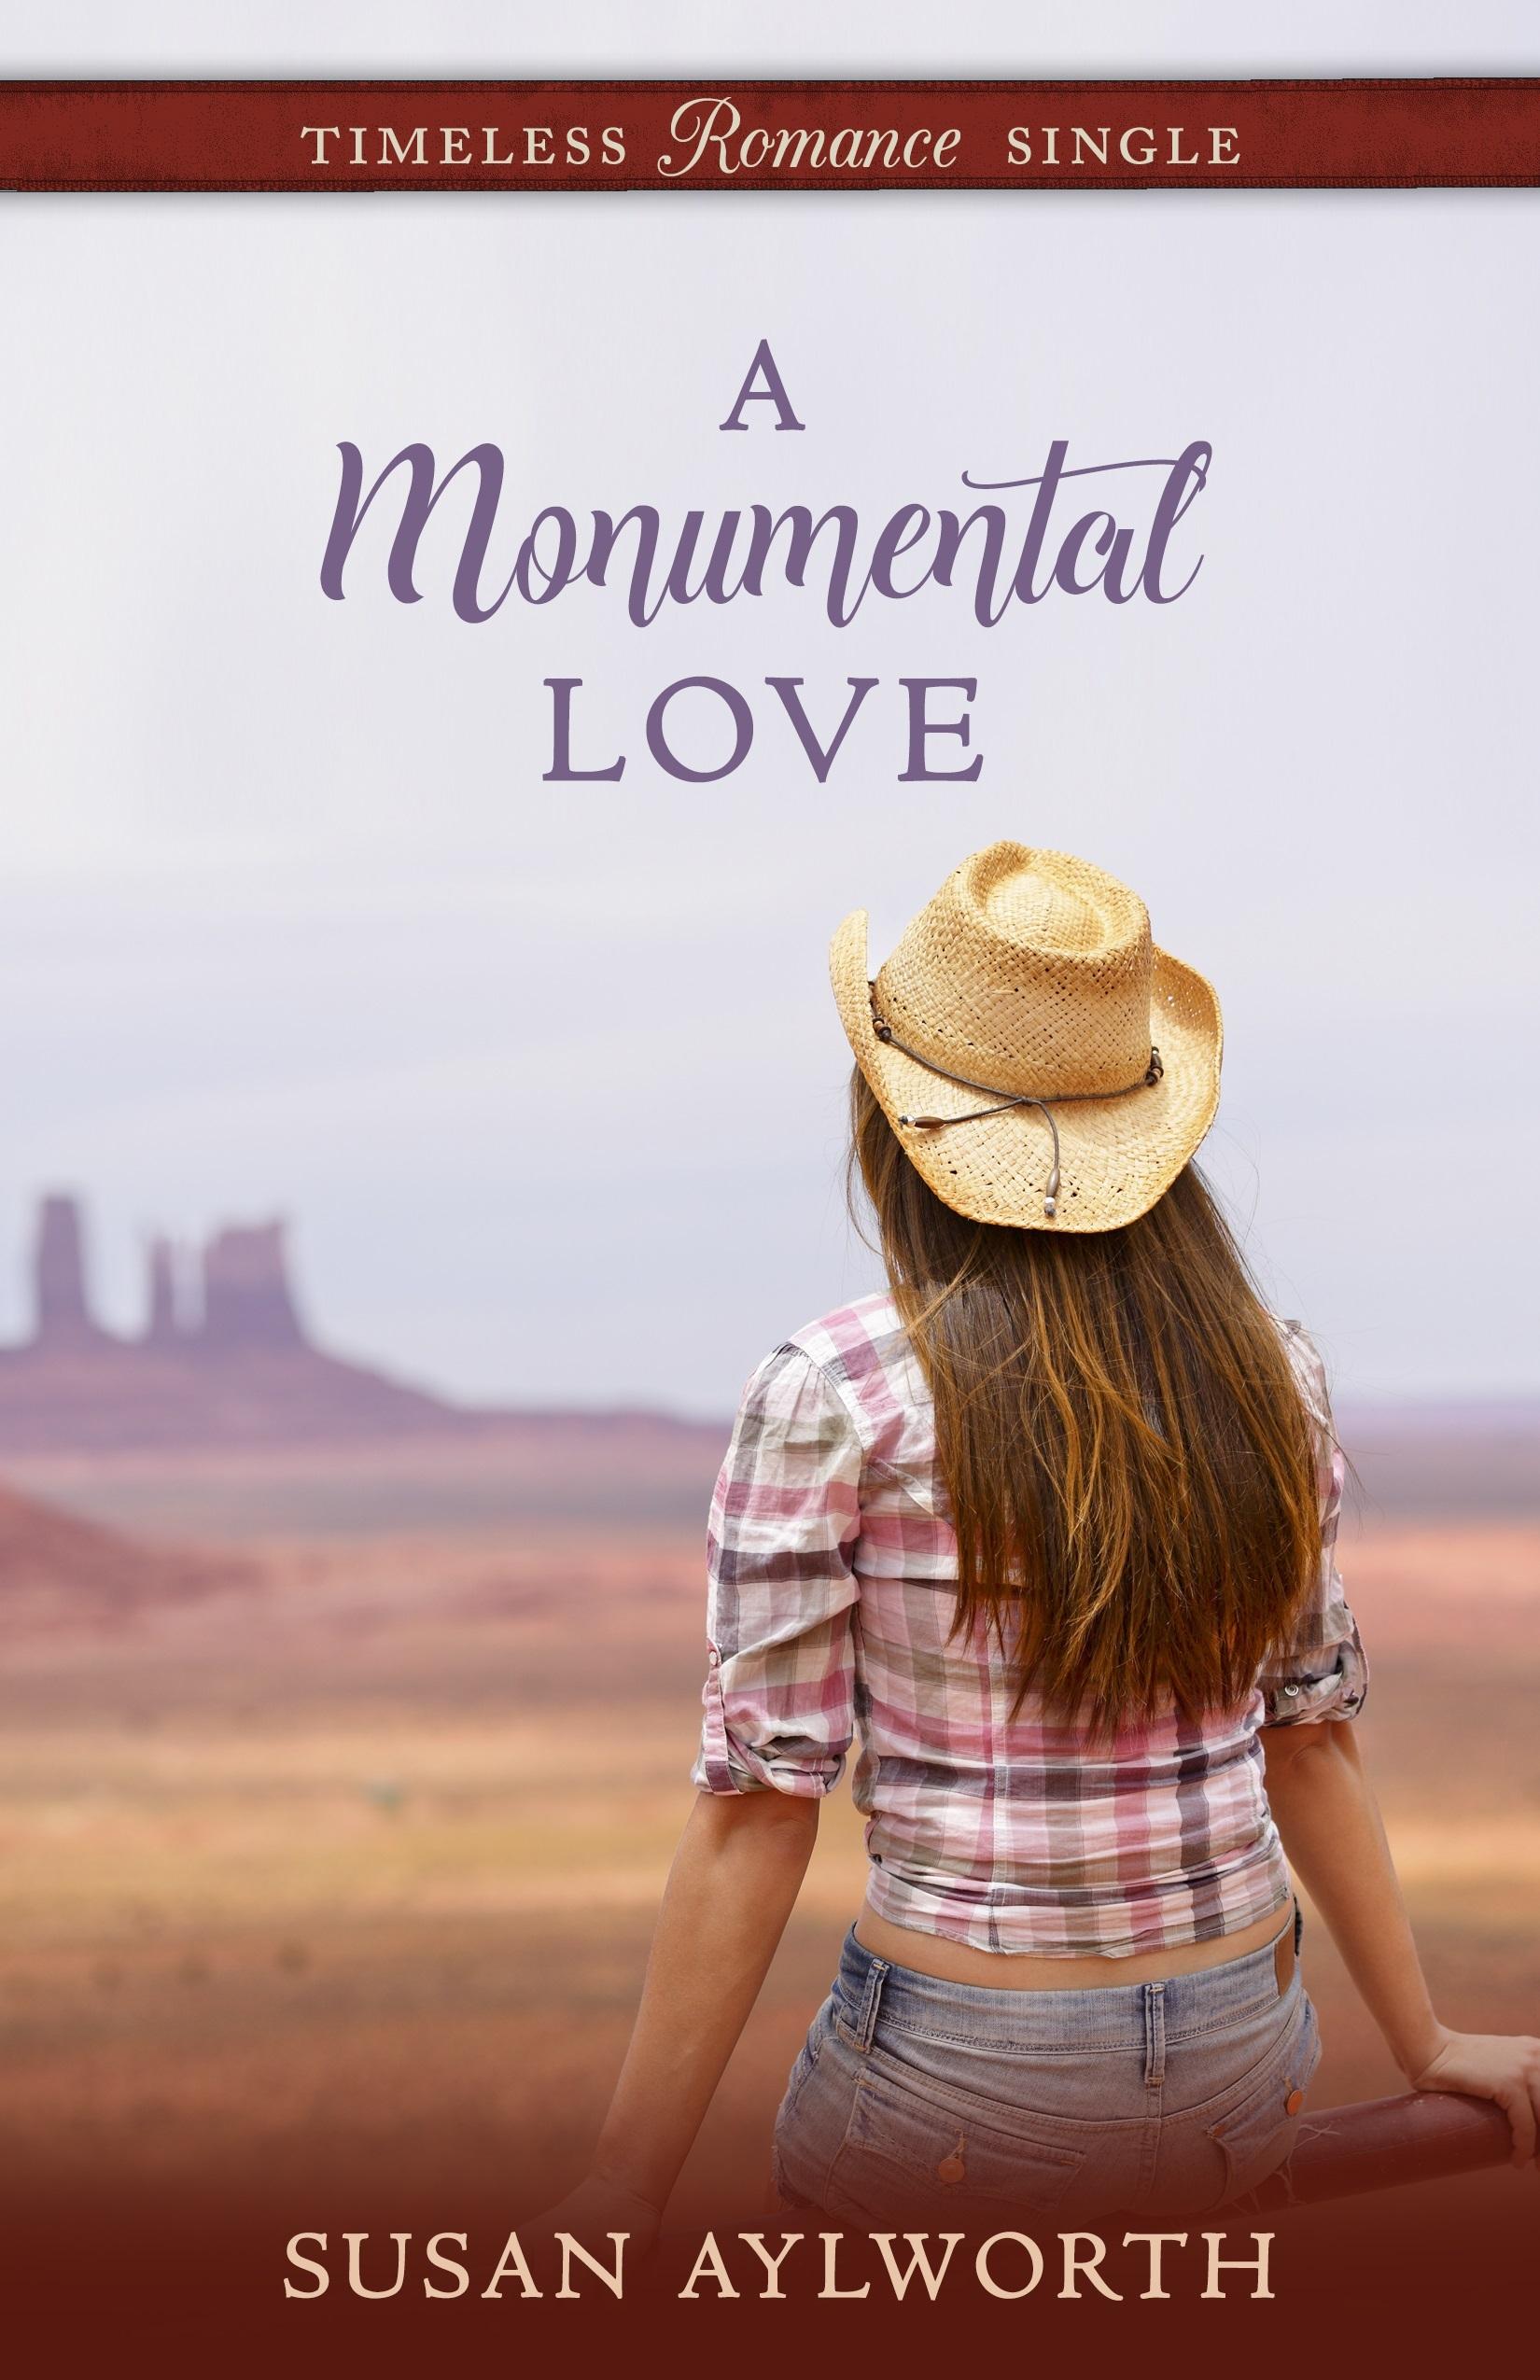 A Monumental Love